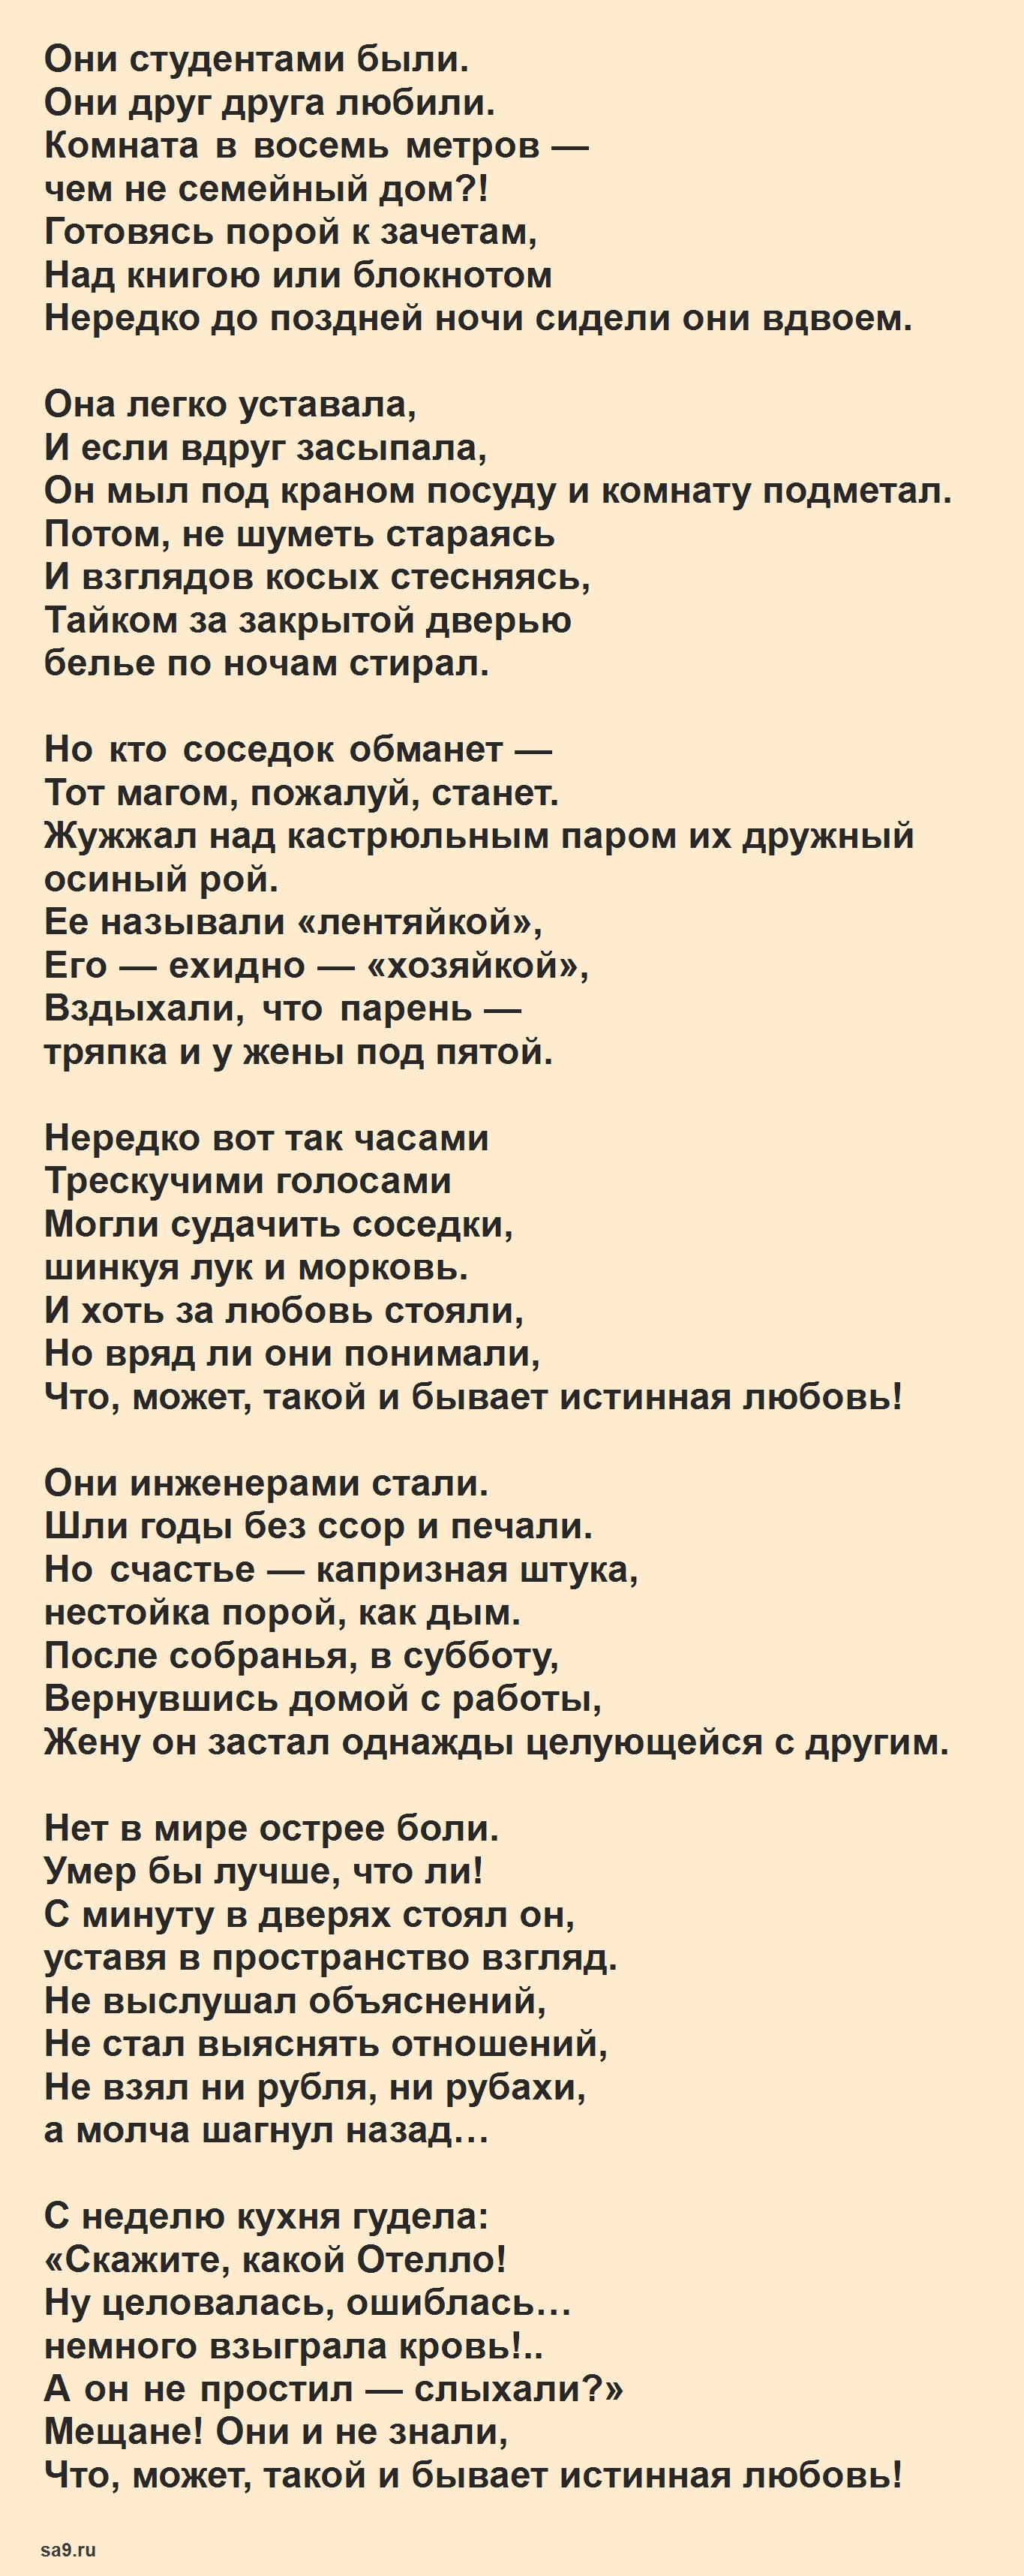 Читать лучшие стихи Асадова - Они студентами были